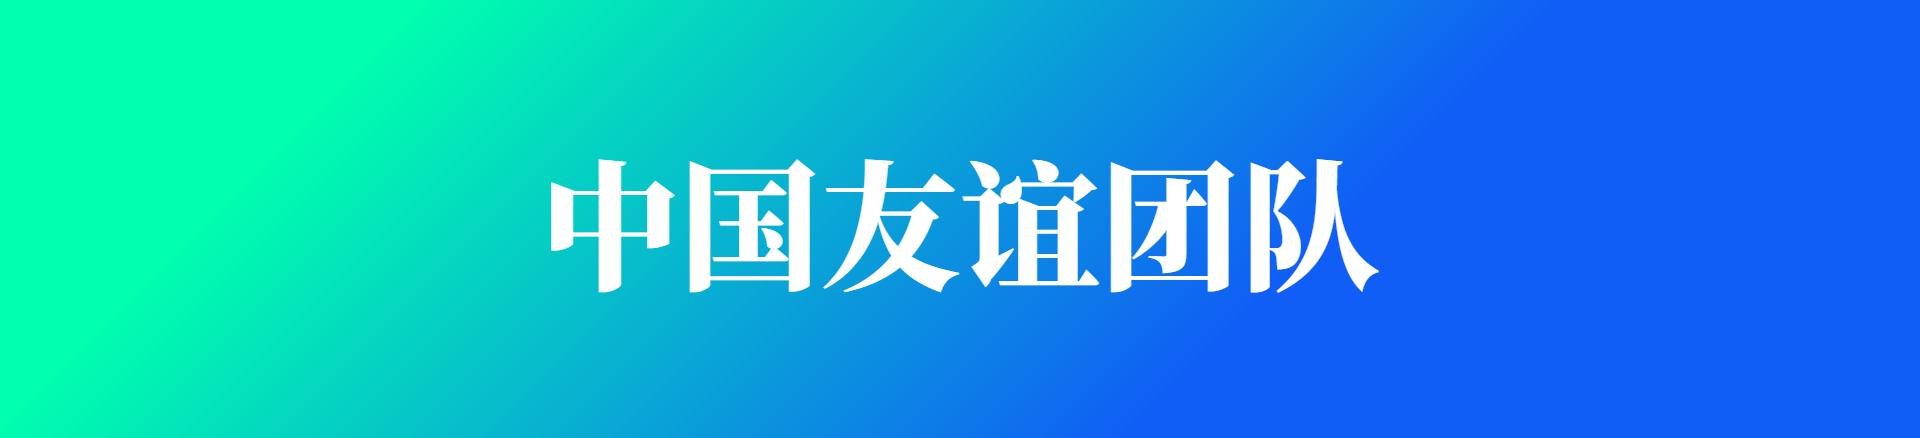 中国友谊团队欢迎图